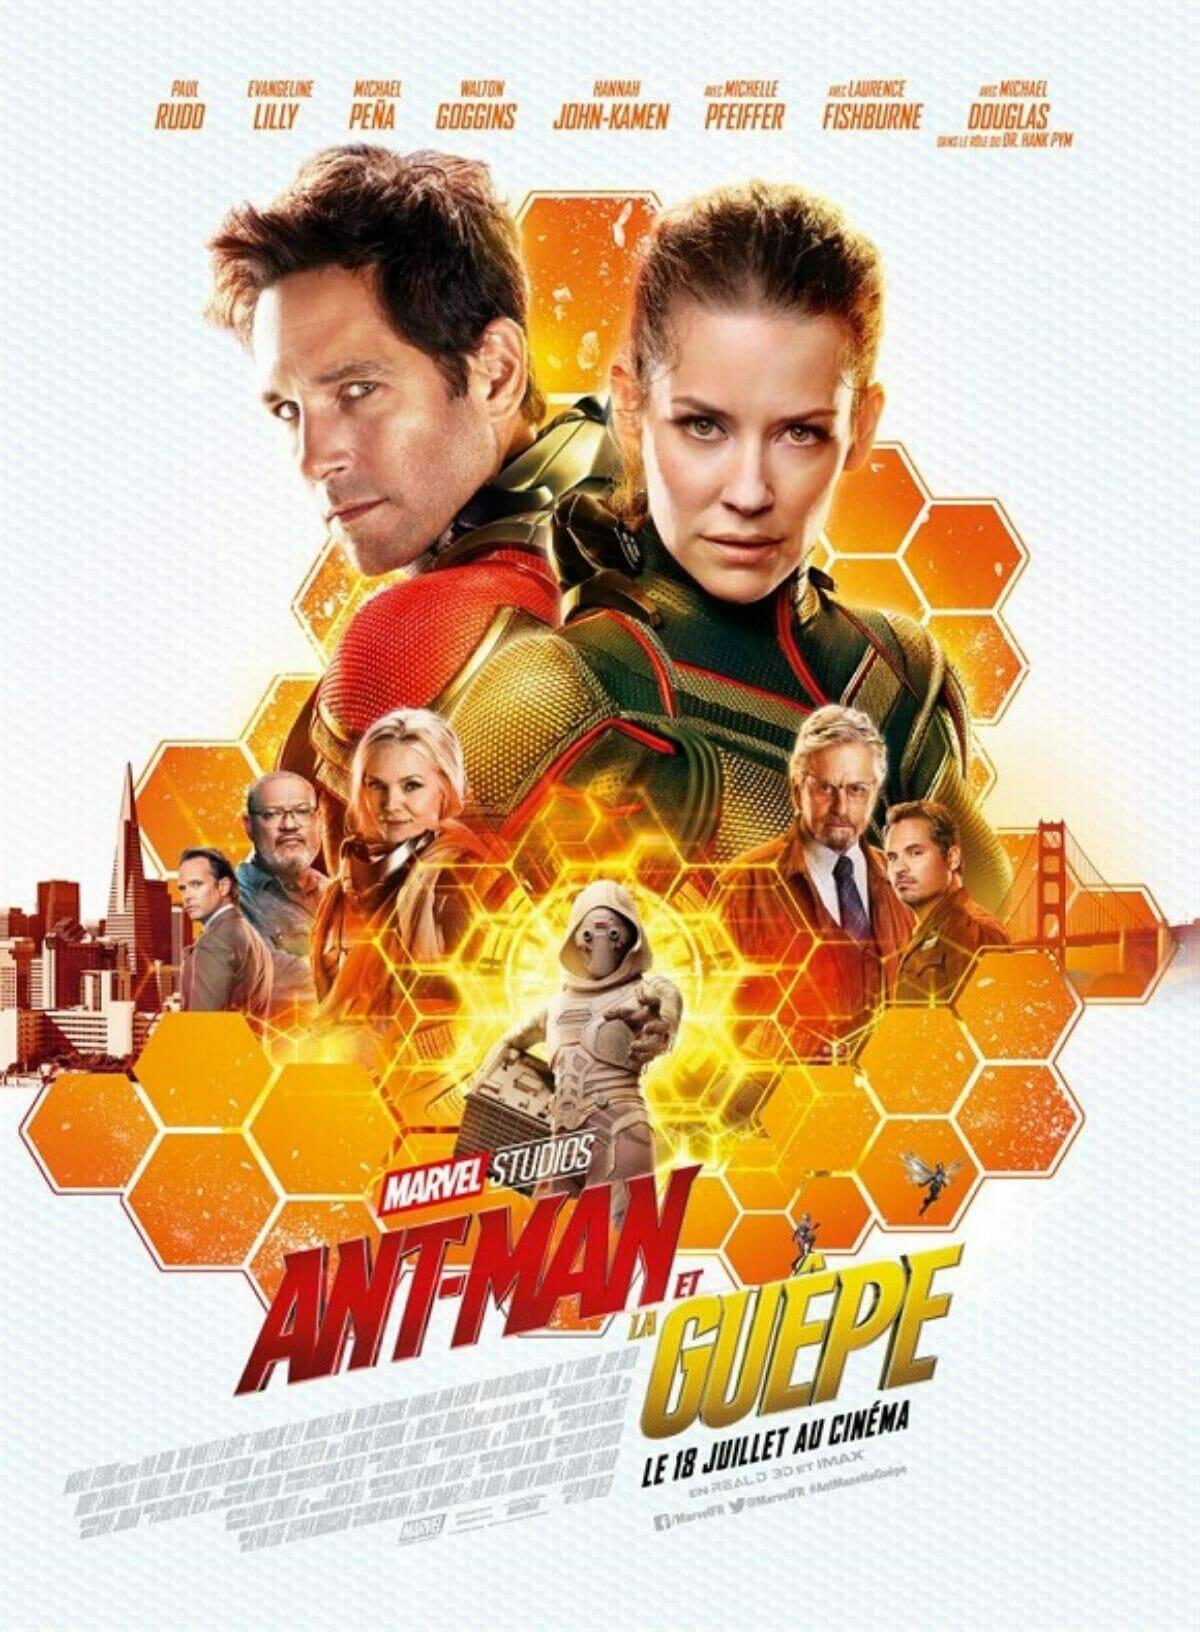 Ant-Man-et-la-Guêpe-poster